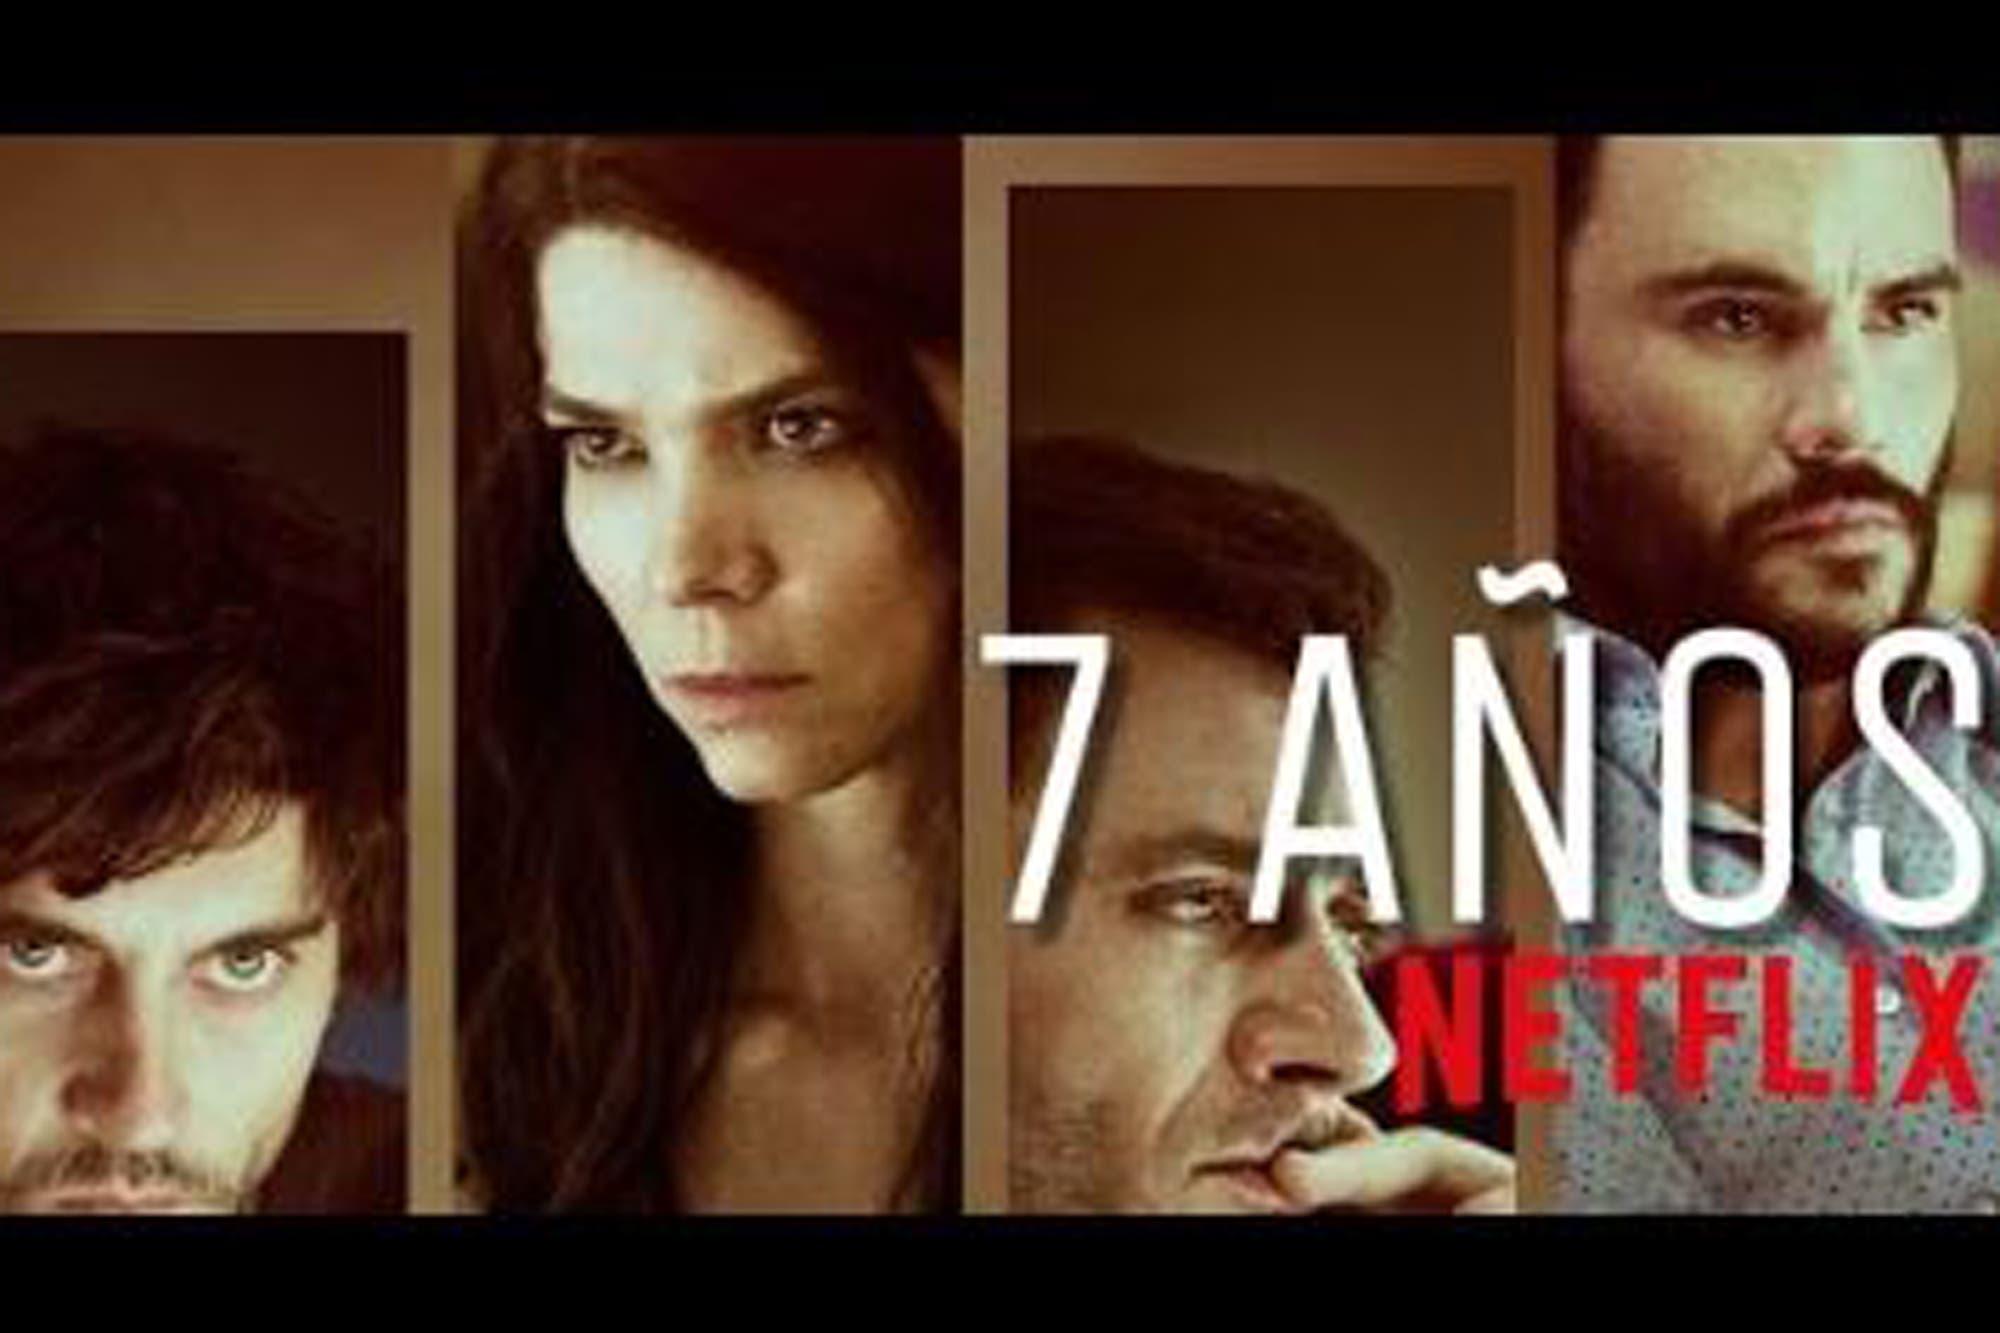 De Netflix al teatro, el fenómeno del film 7 años